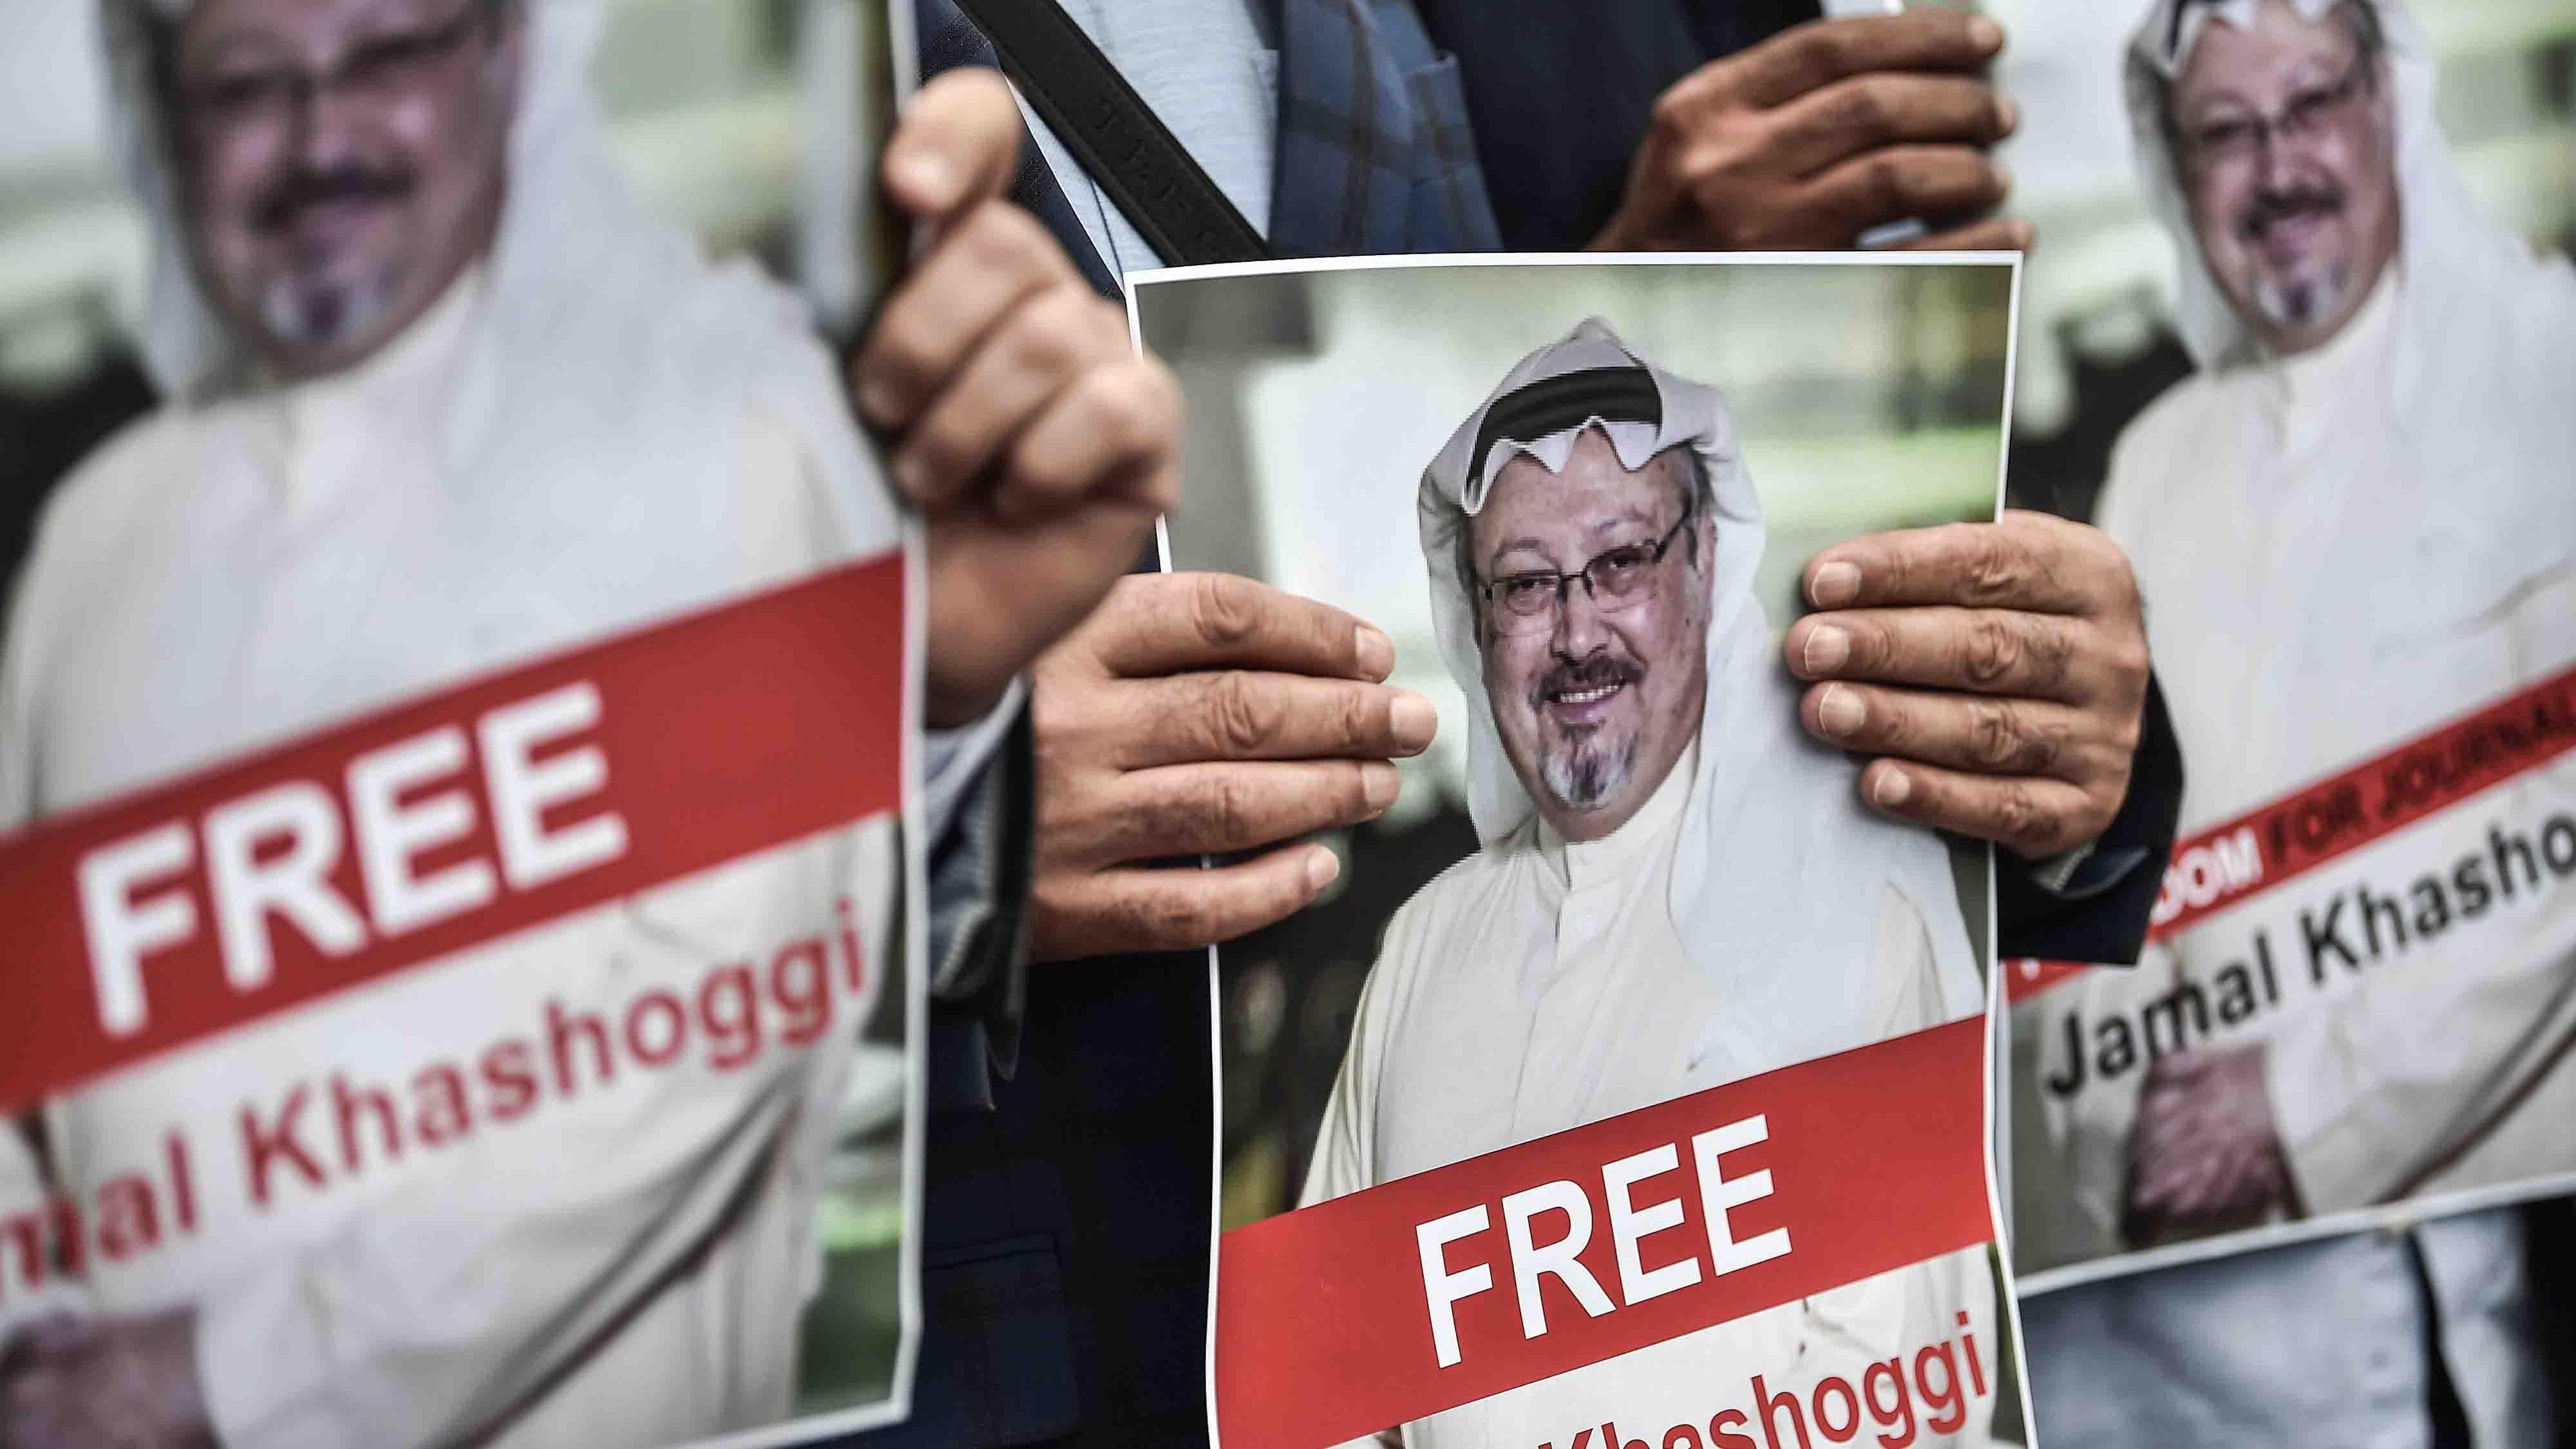 """Trumpespeculó que """"asesinos sin escrúpulos"""" podrían estar tras la desaparición del periodista saudita. Envió a Mike Pompeo a investigar el caso"""